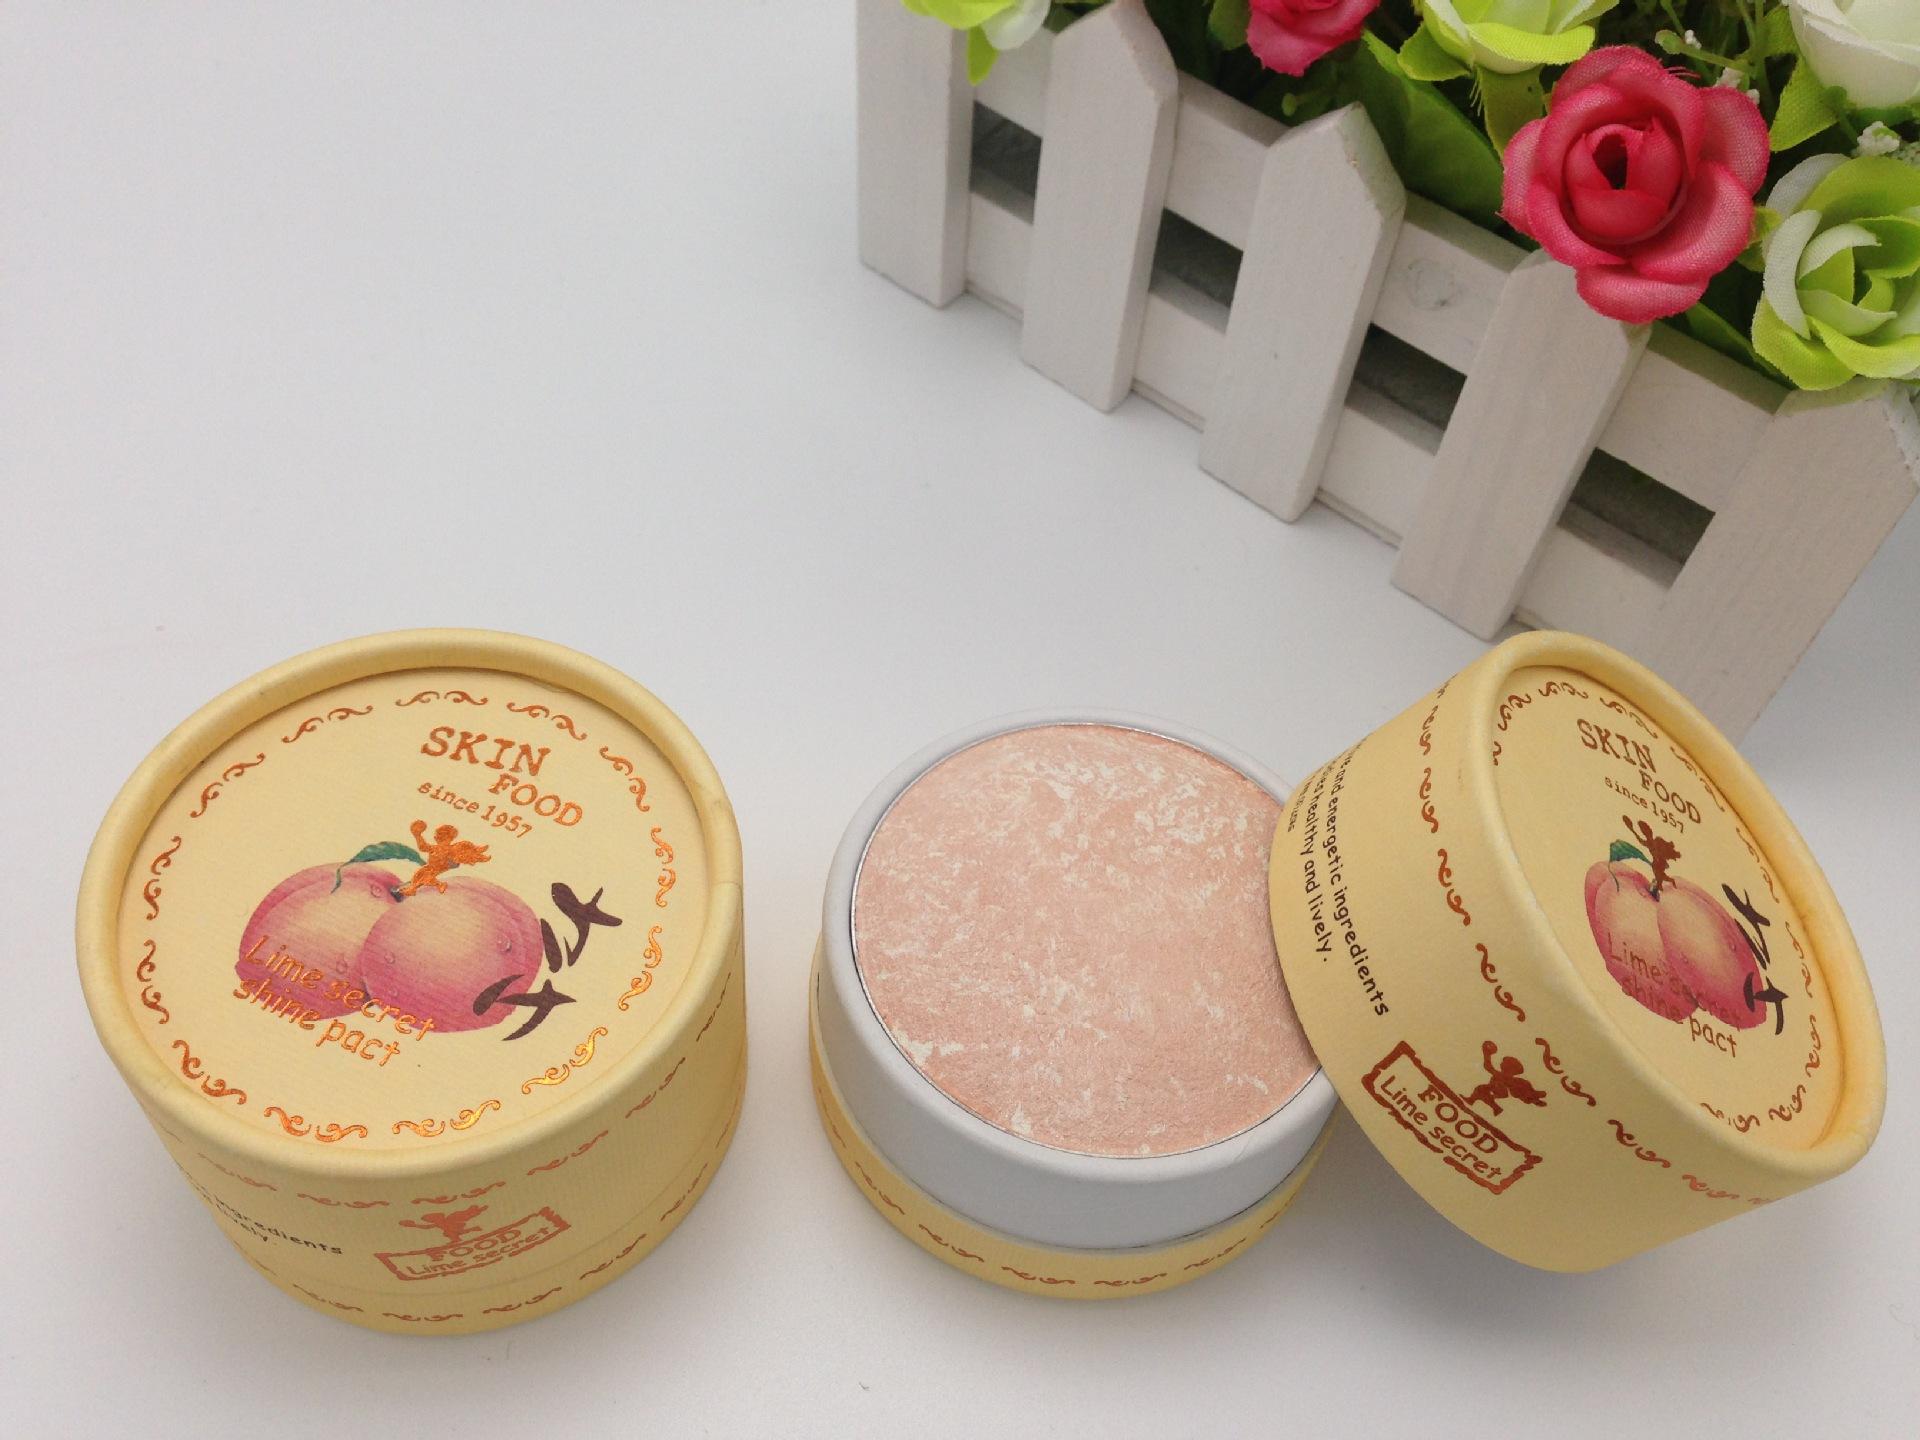 韓國水蜜桃粉餅定妝修容高光提亮粉餅遮瑕控油防水乾粉不脫妝包郵